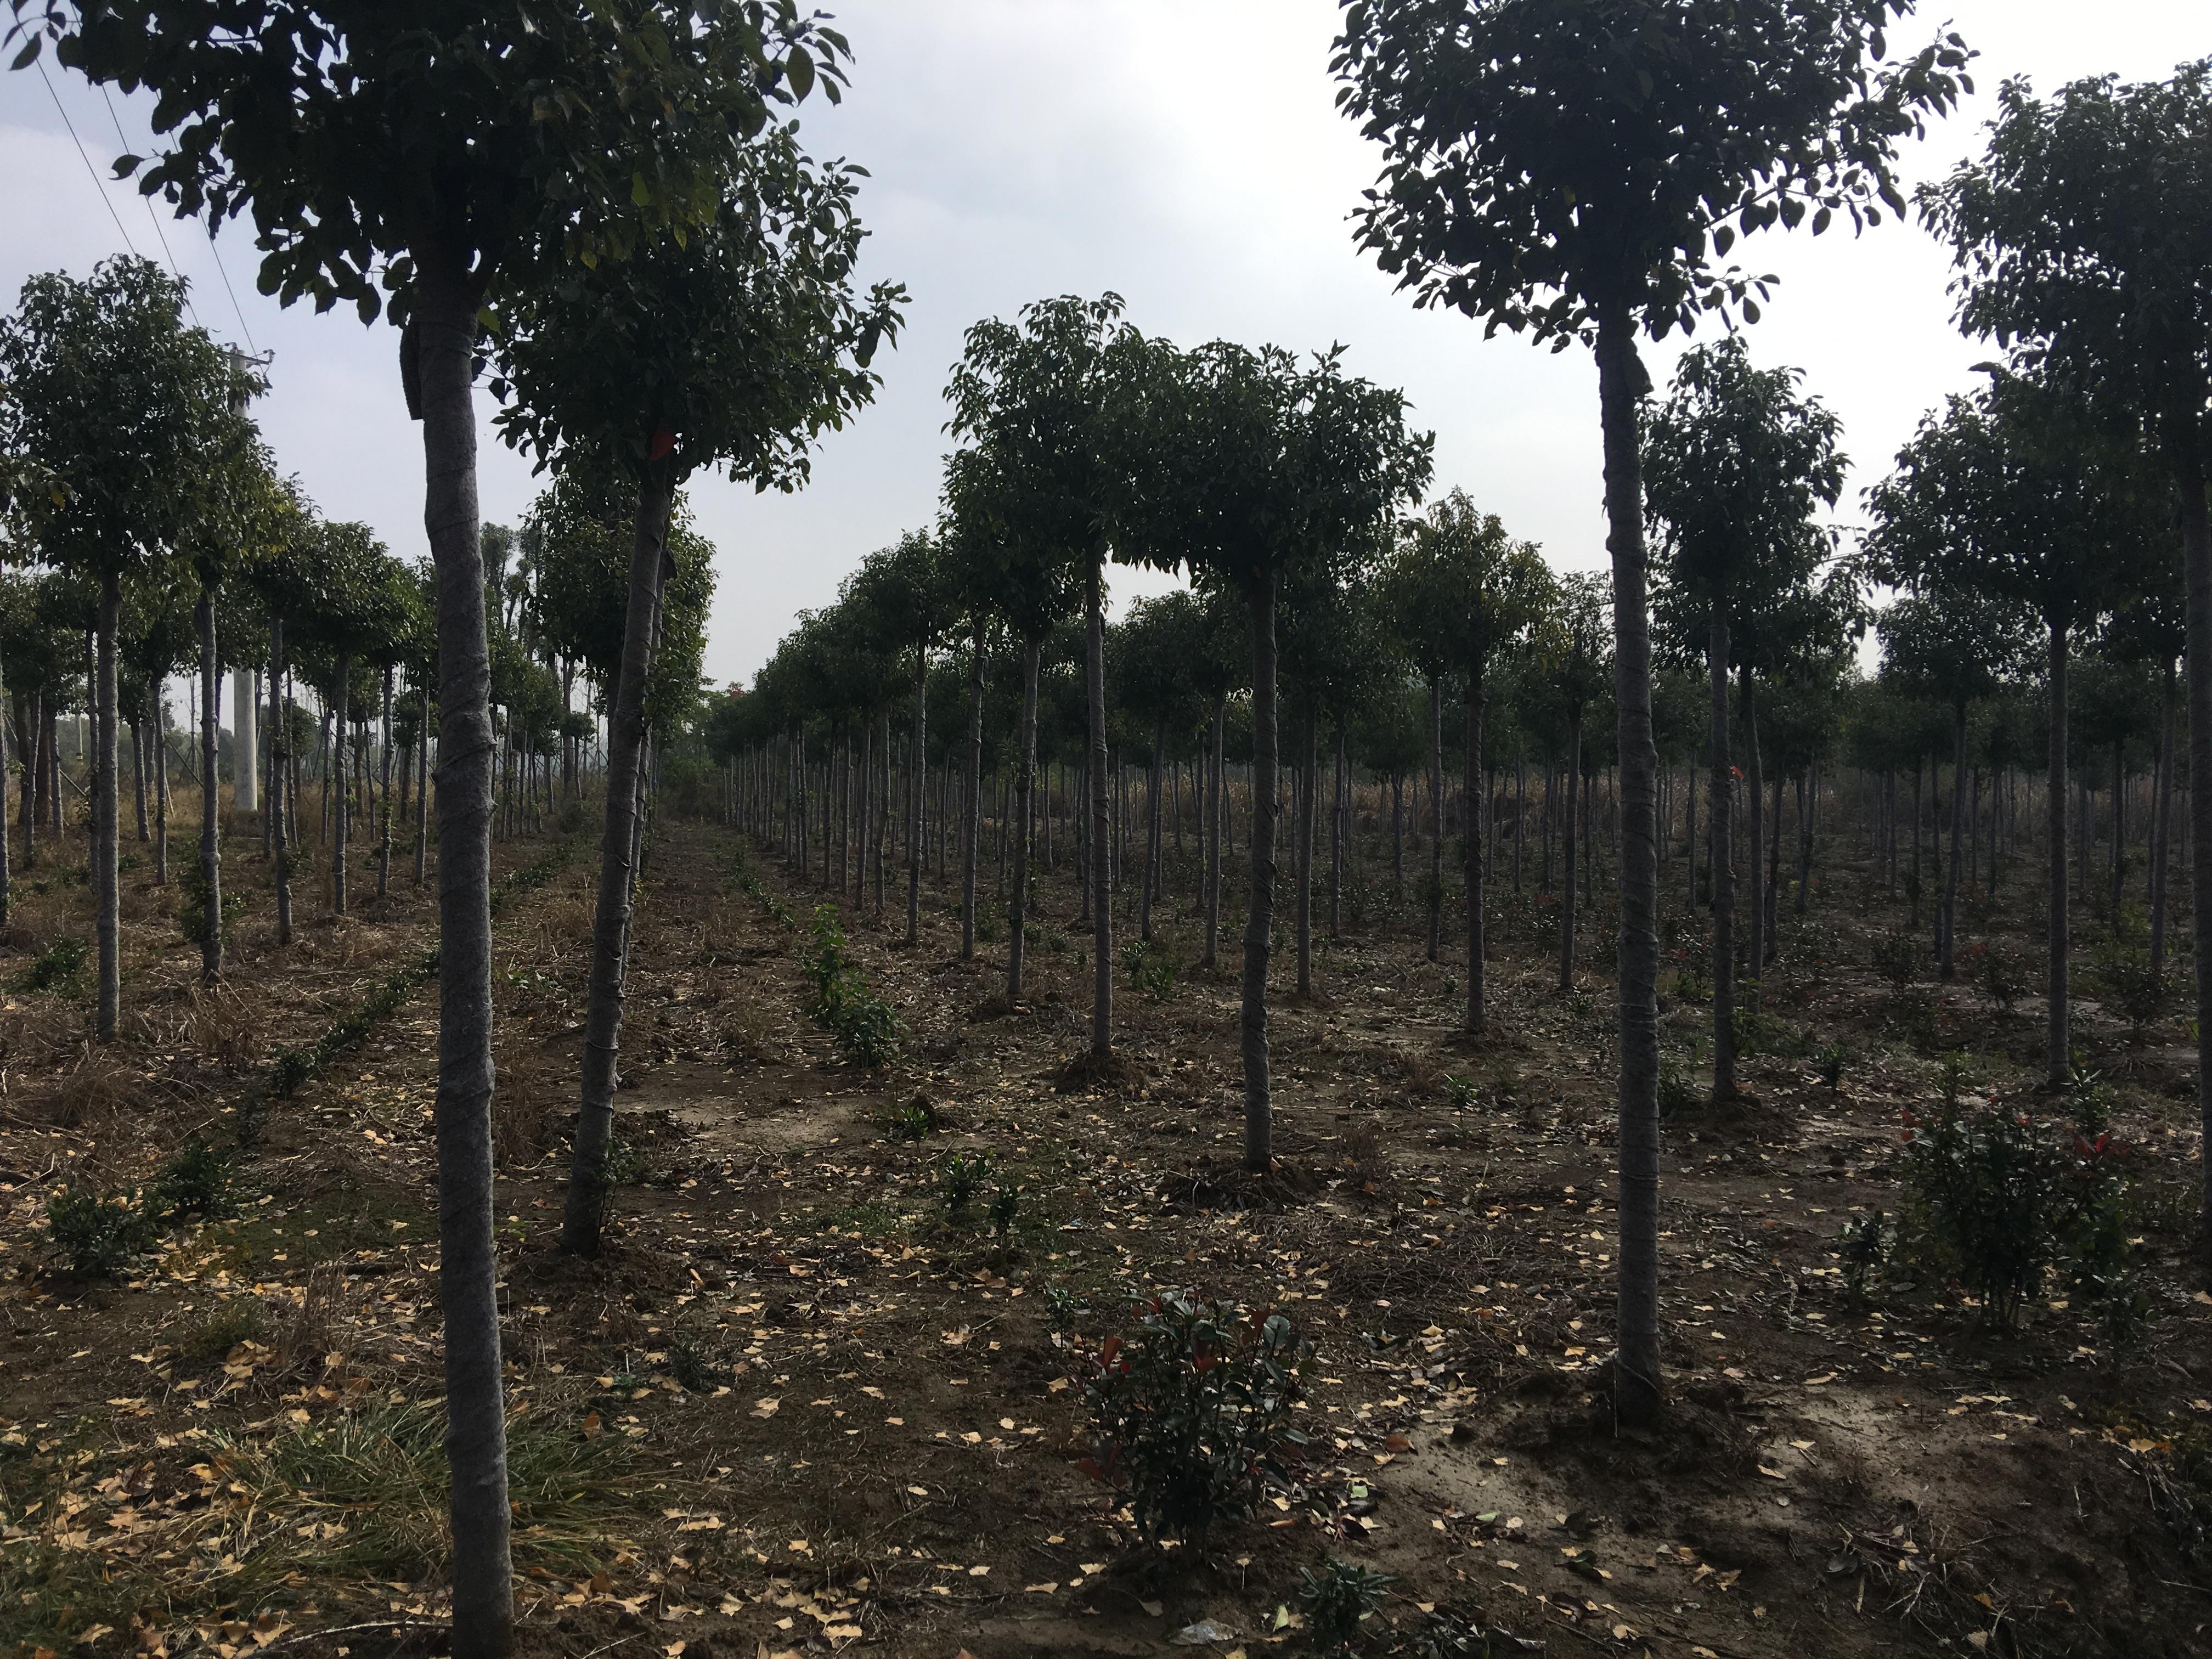 香樟苗-助农香樟苗基地-助农香樟苗多少钱-助农香樟苗价格